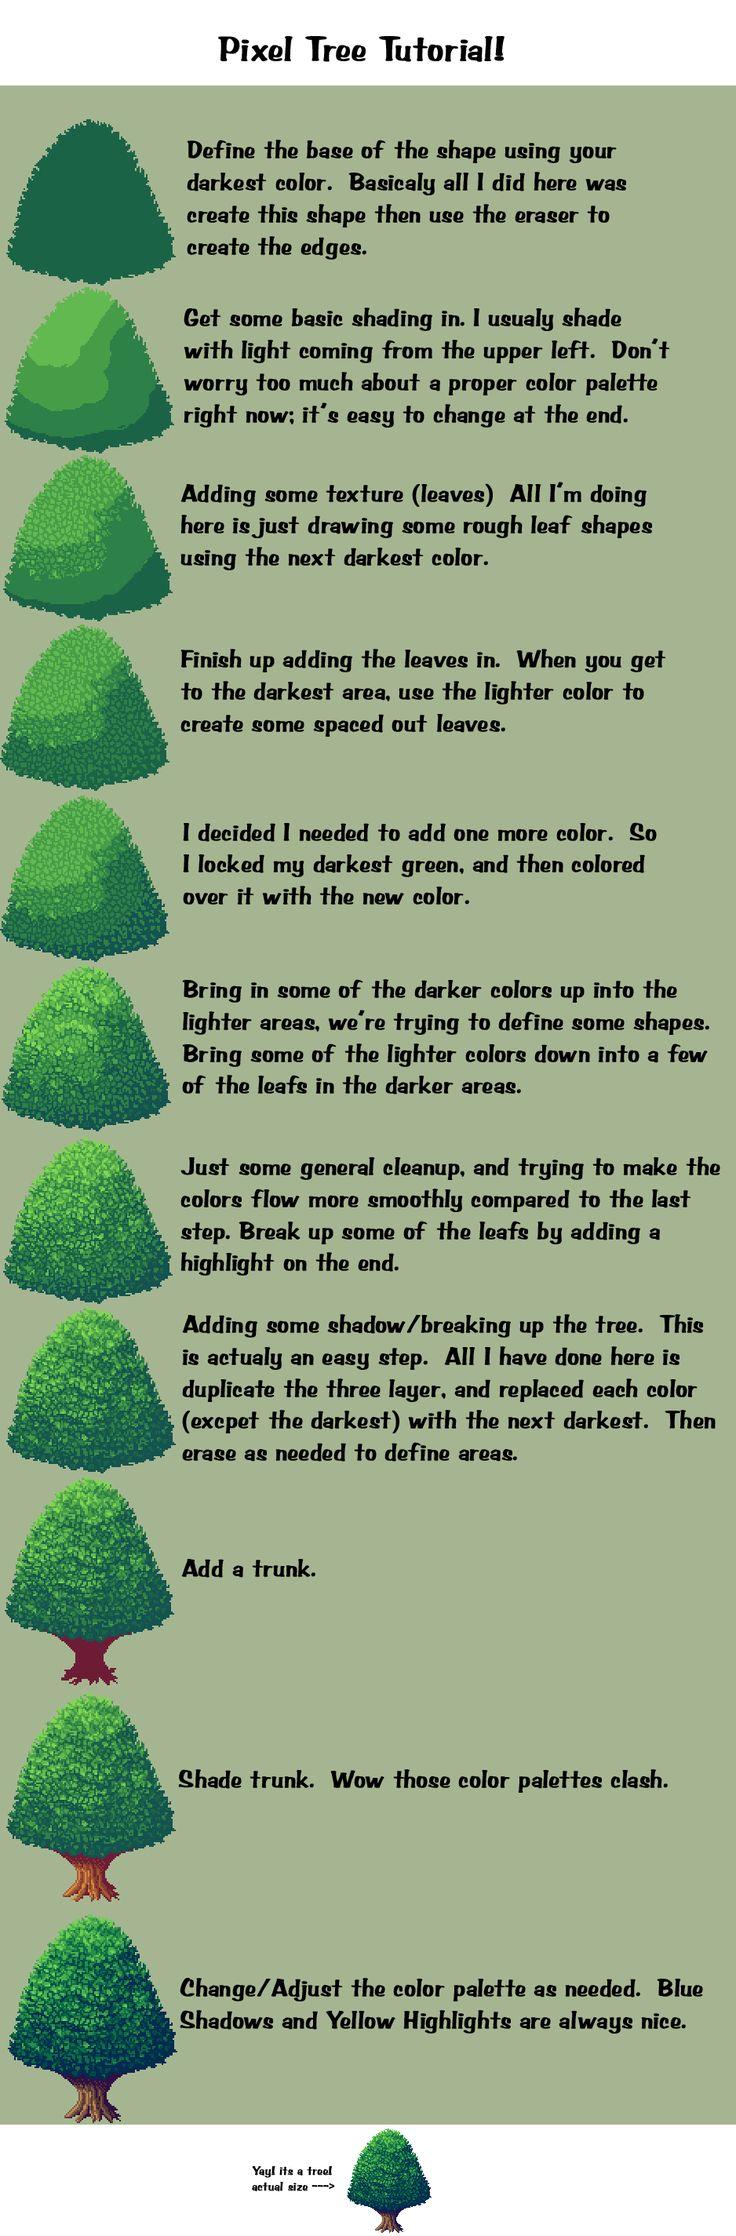 Pixel Tree Tutorial by ~D-e-n-a on deviantART